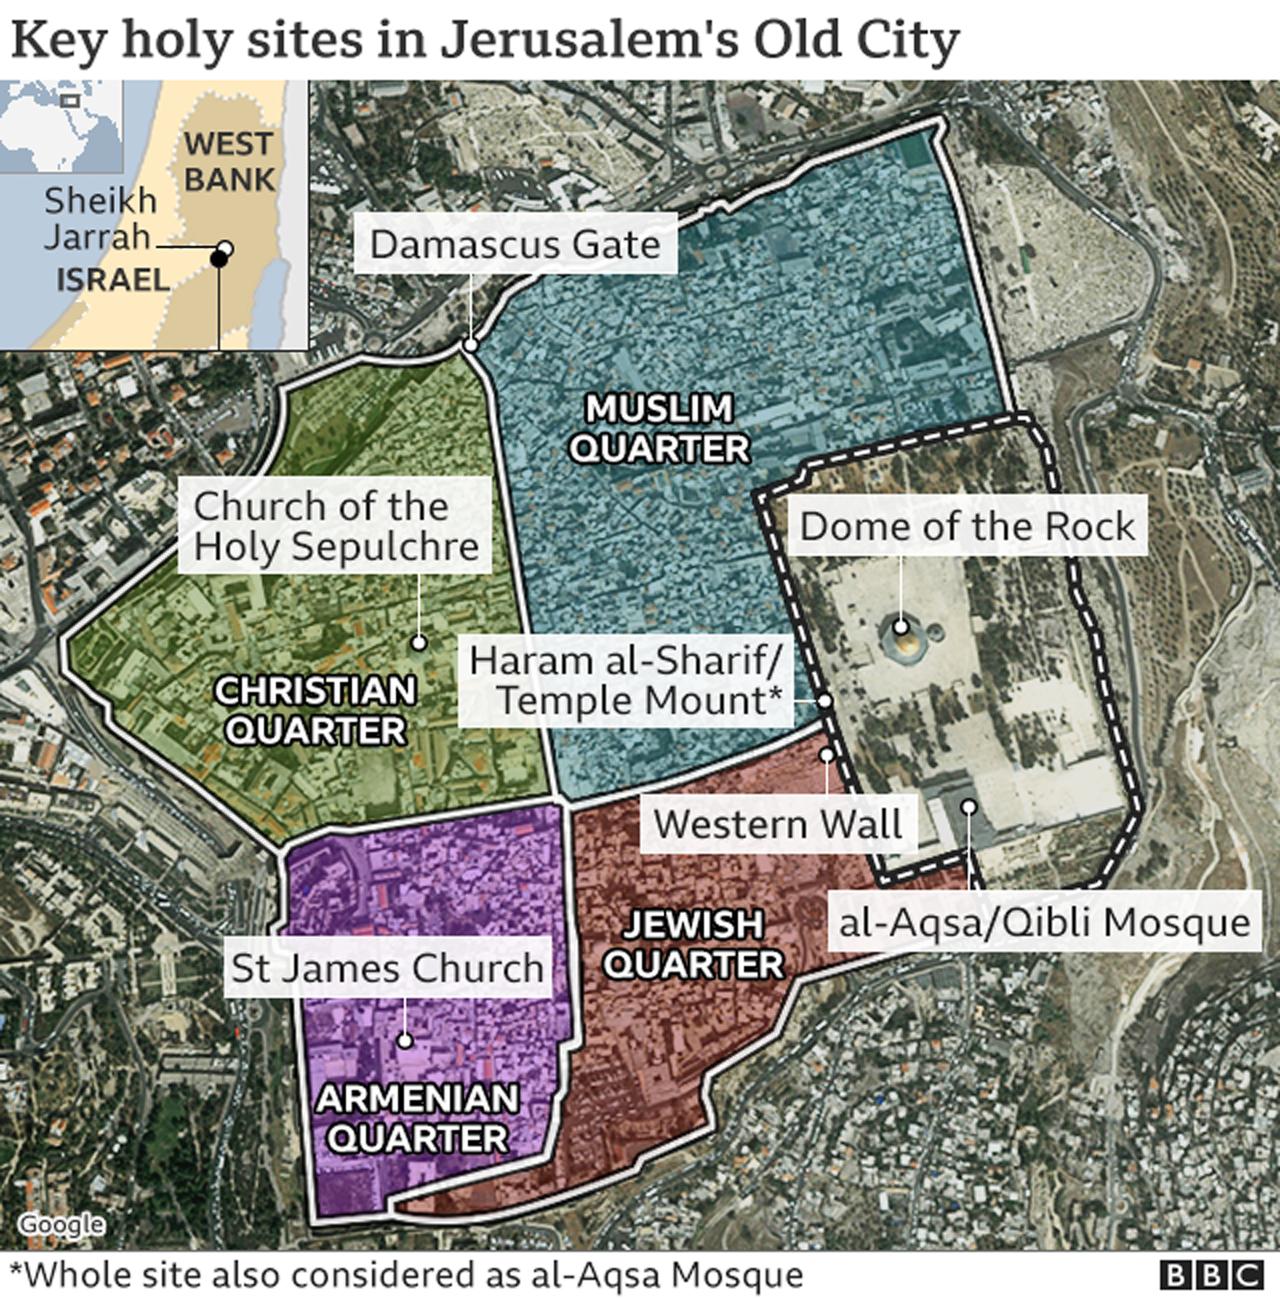 Map of Jerusalem key holy sites